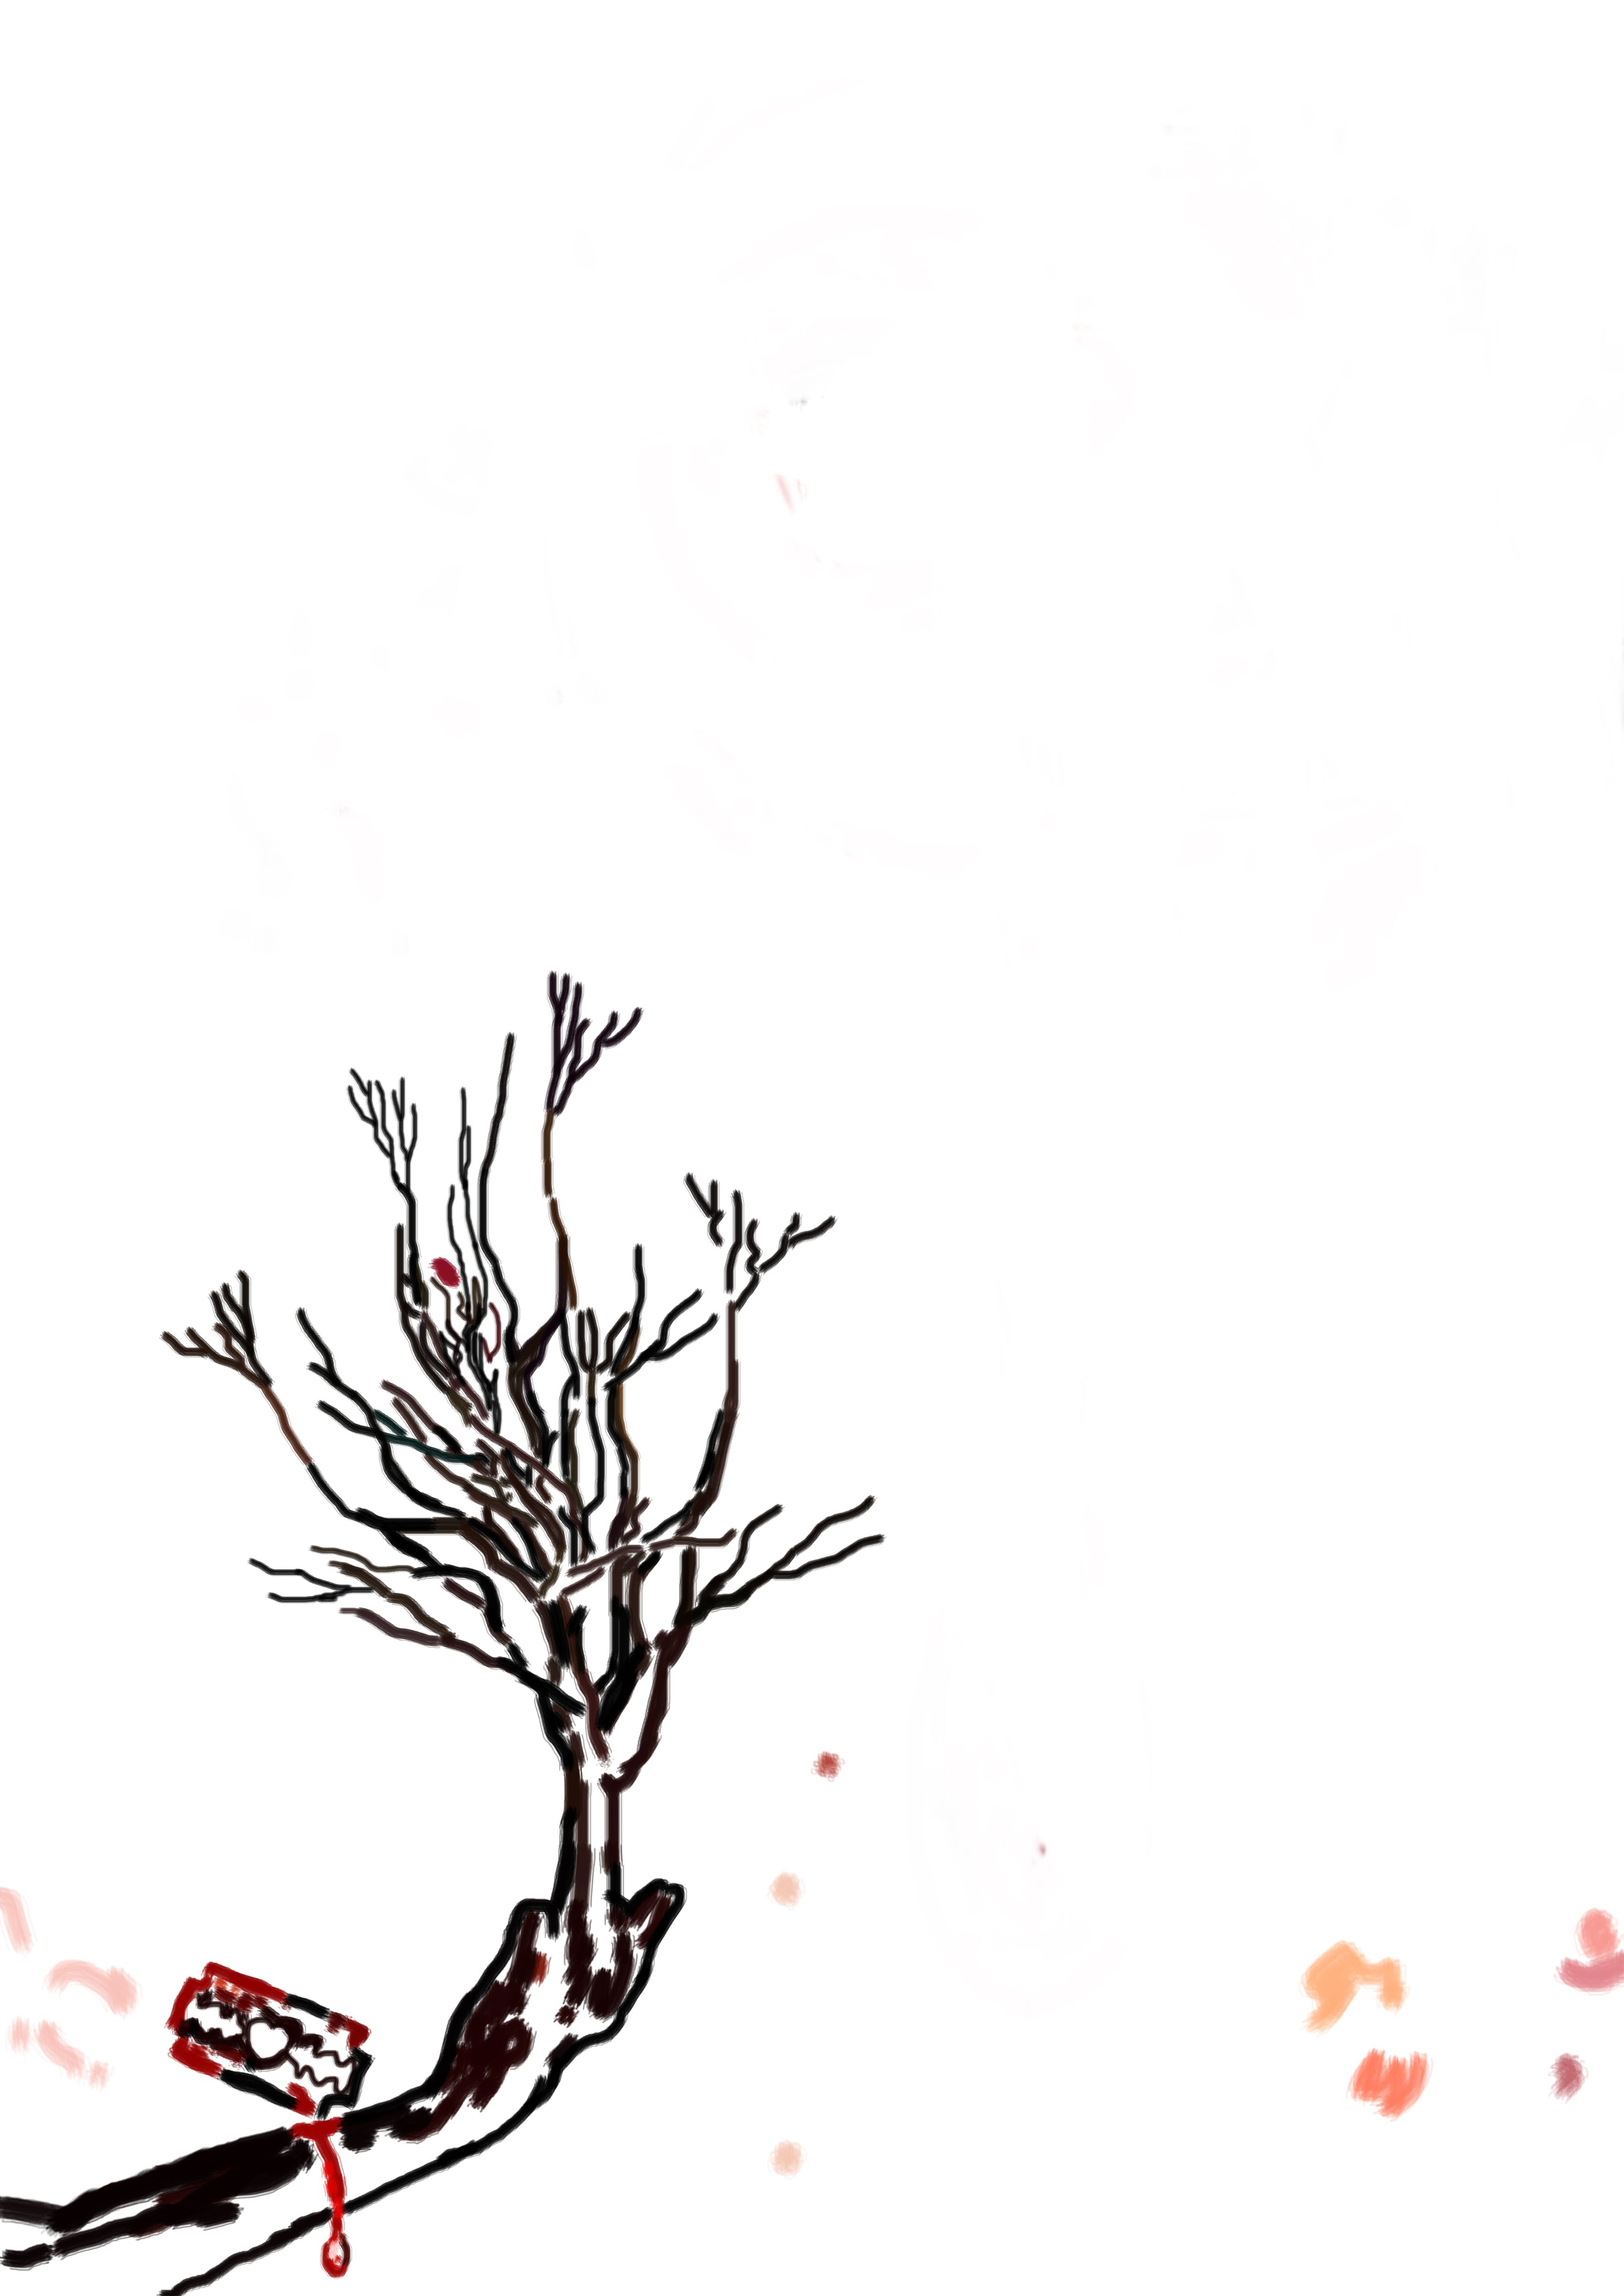 """Bosquejo para """"La lagrima indecisa"""" (The Indecisive Tear) del libro: El Santuario que Arde"""" de Hernán Ergueta"""